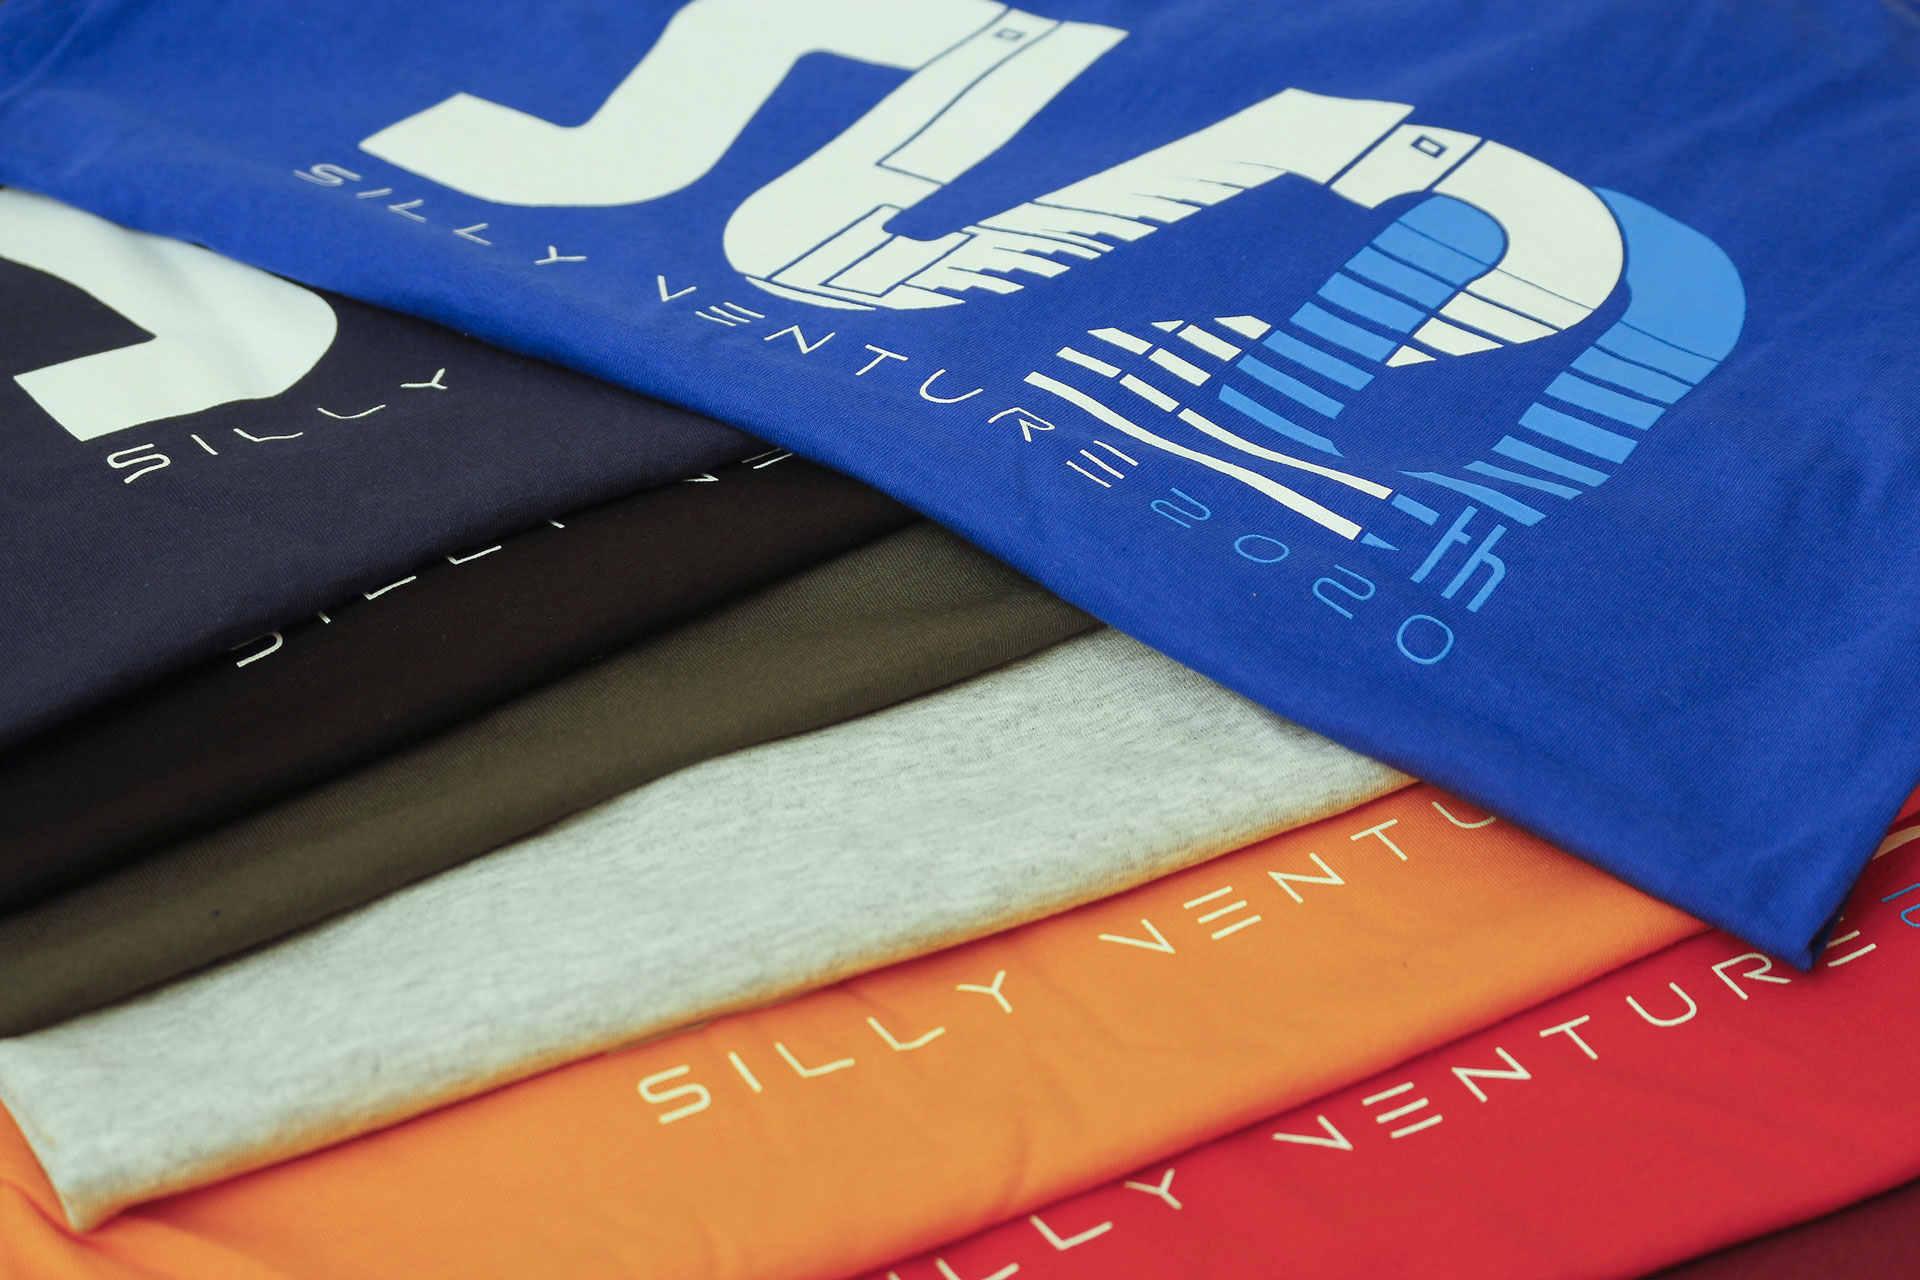 http://www.sillyventure.eu/images/news2020-2021/shirts6.jpg